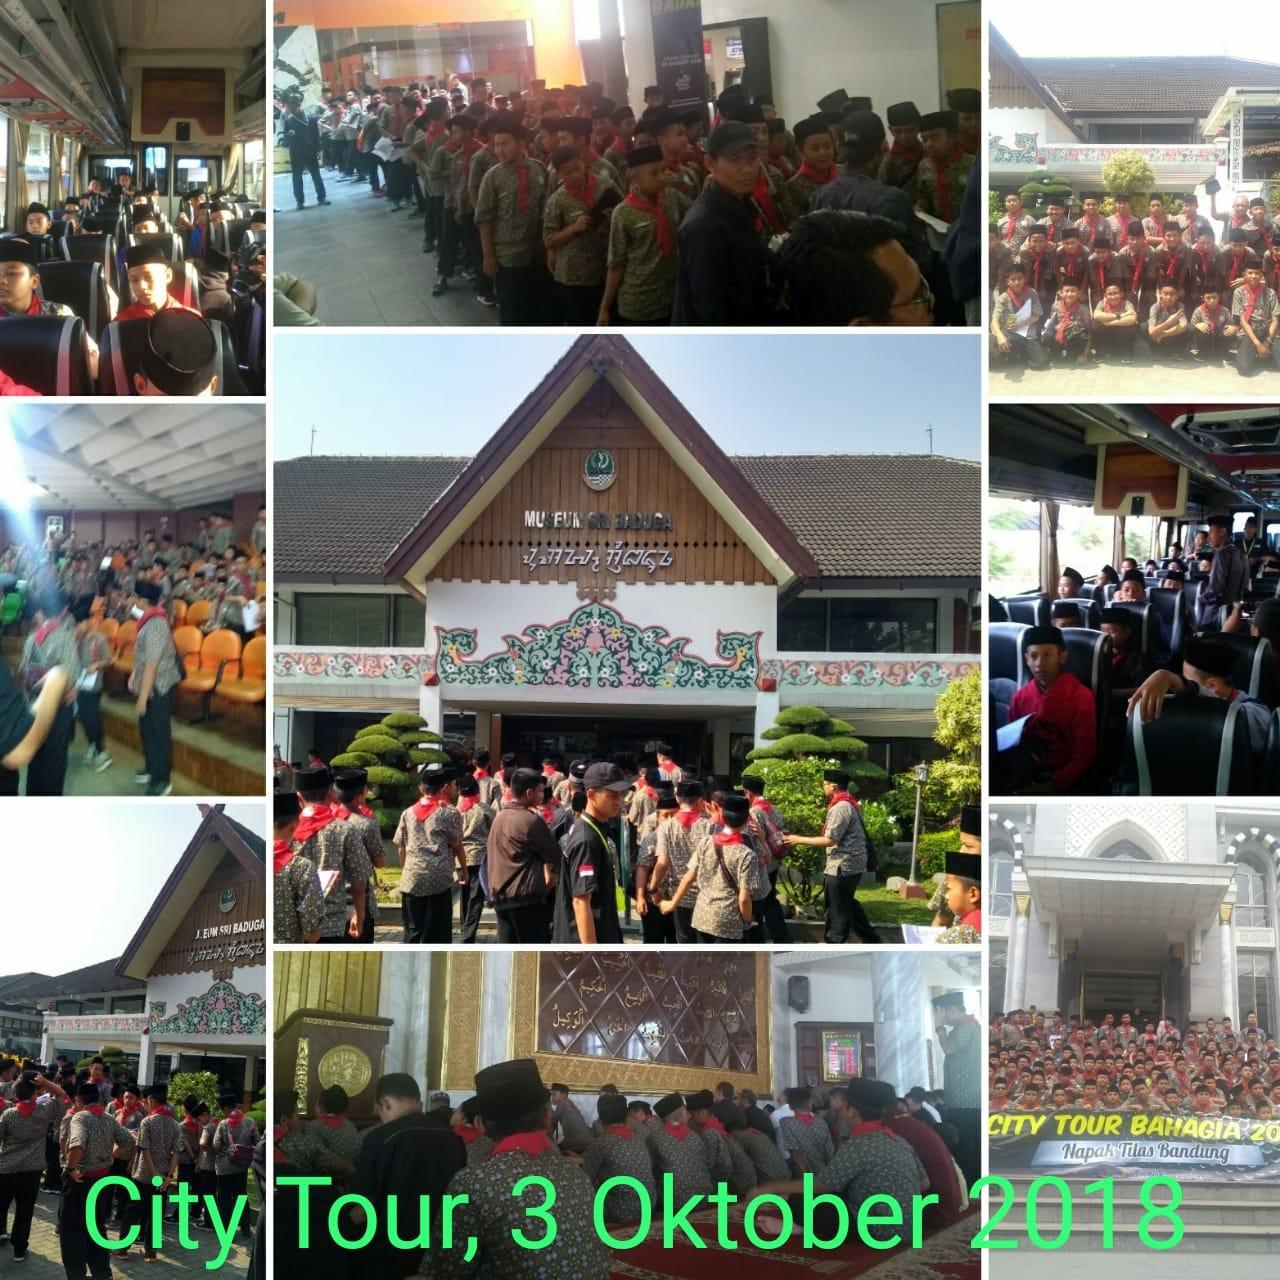 City Tour SMP DTBS PUTRA 2K18